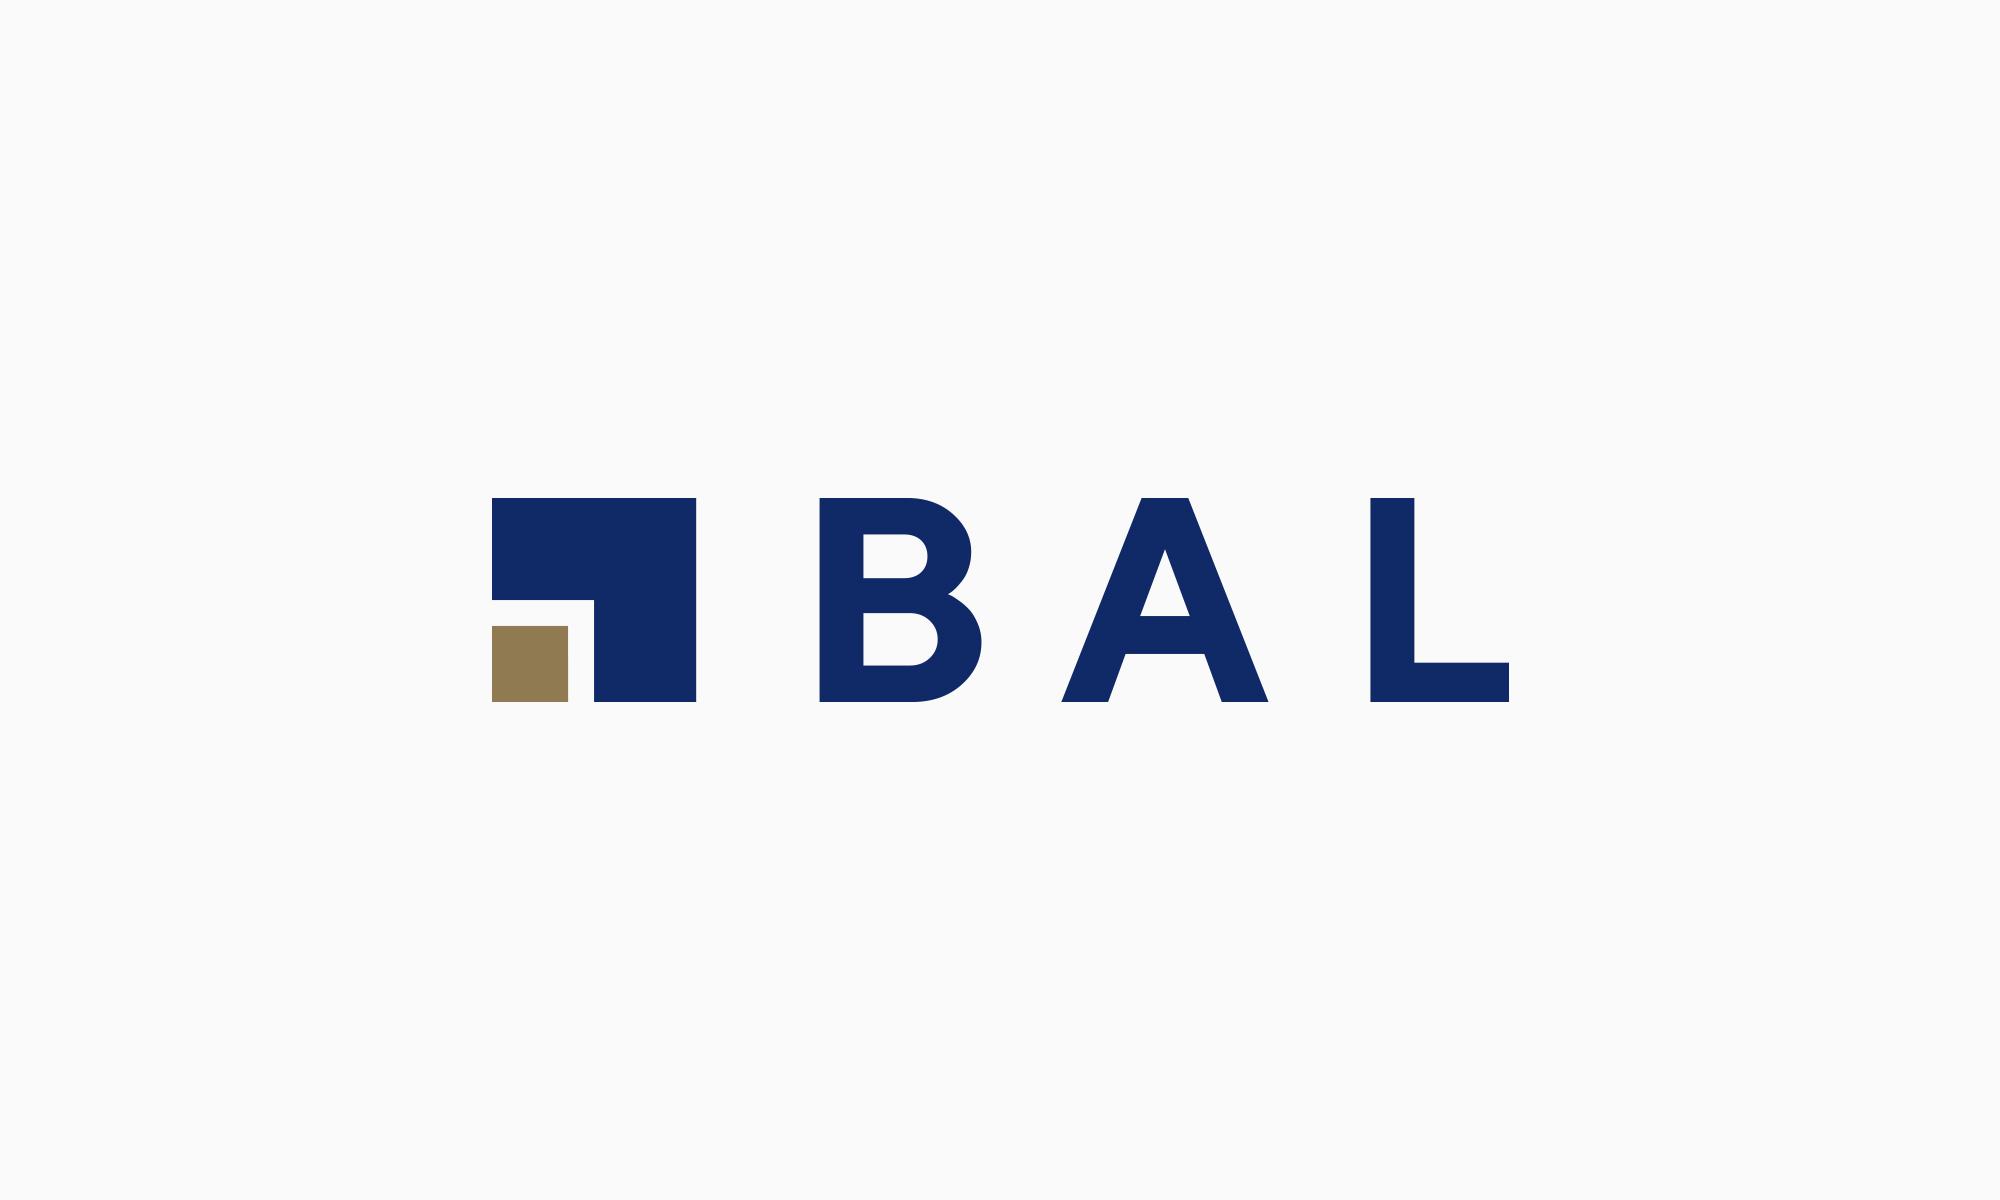 BAL_Logo_01